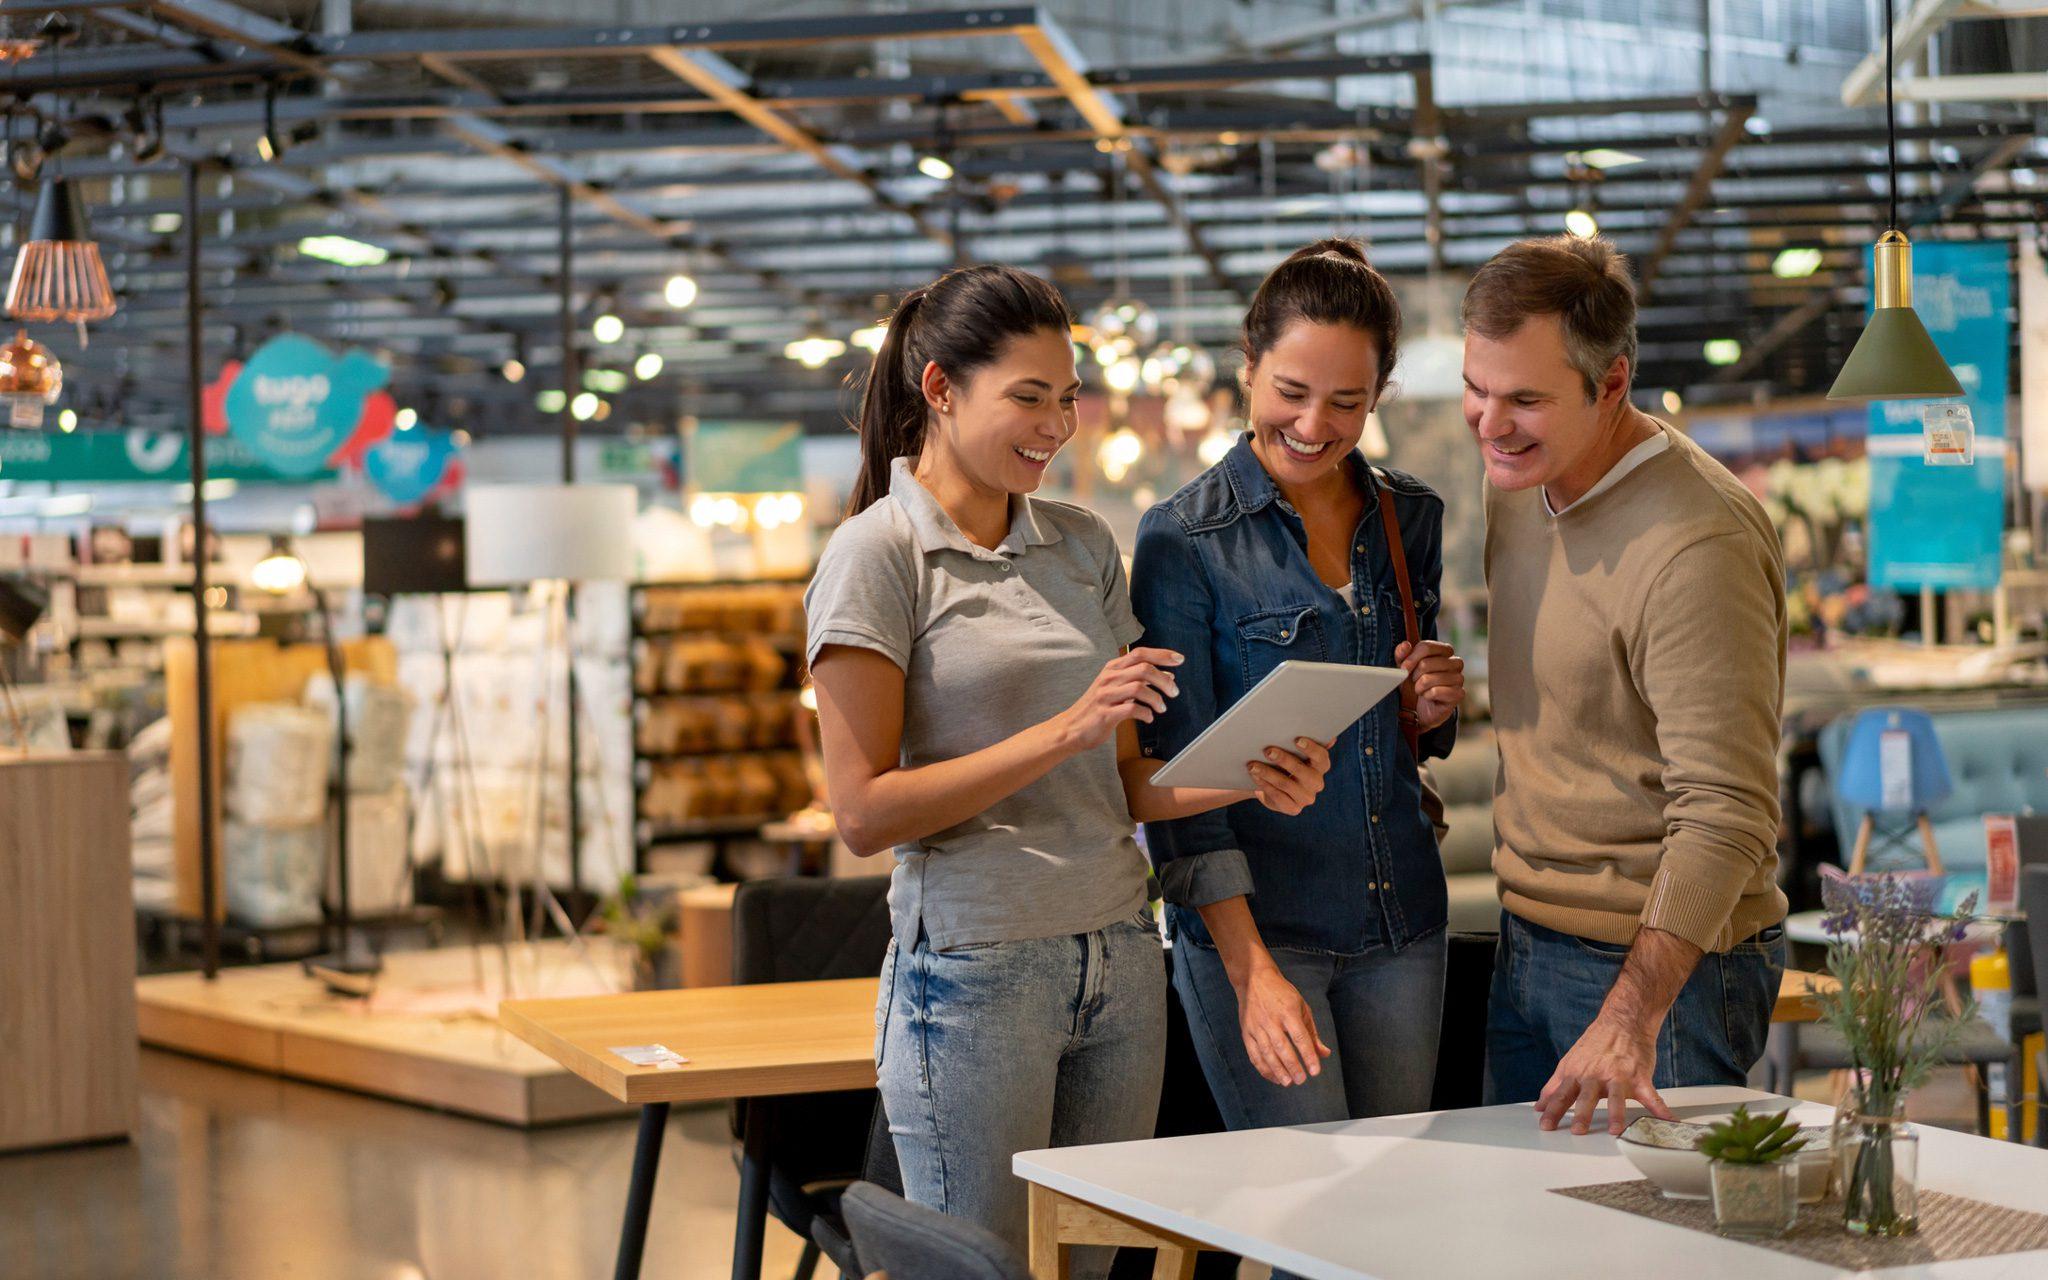 Verkäuferin, die Modelle auf einem Tablet für ein Paar zeigt, das in einem Einrichtungshaus nach Möbeln sucht.